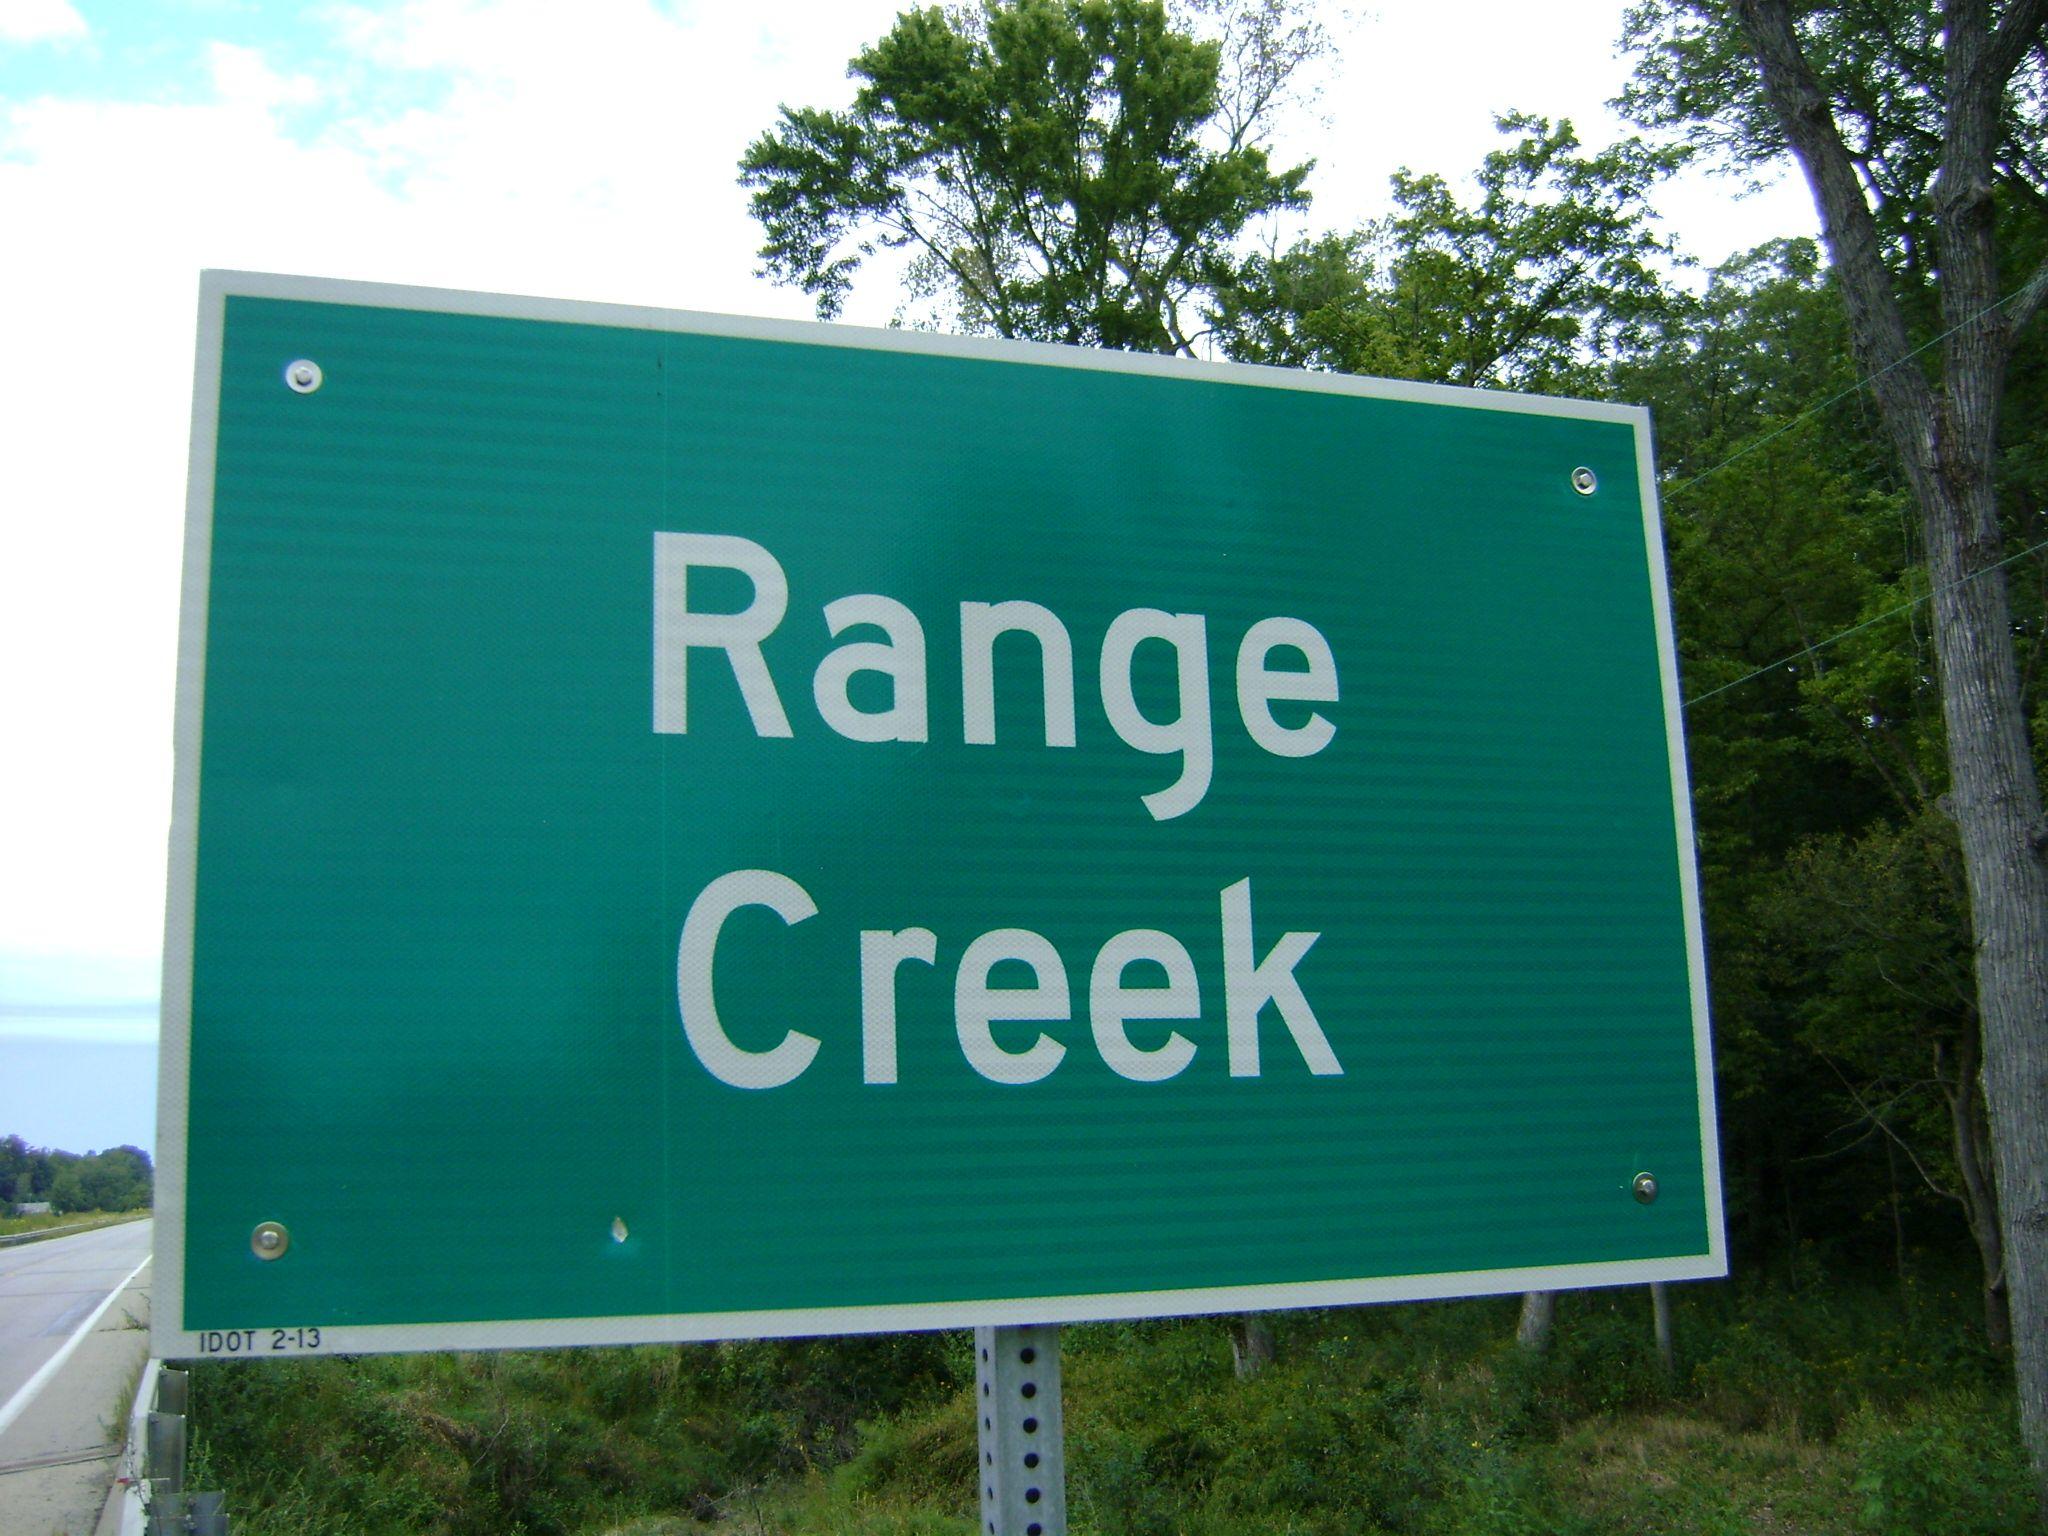 IL 130 over Range Creek Bridge